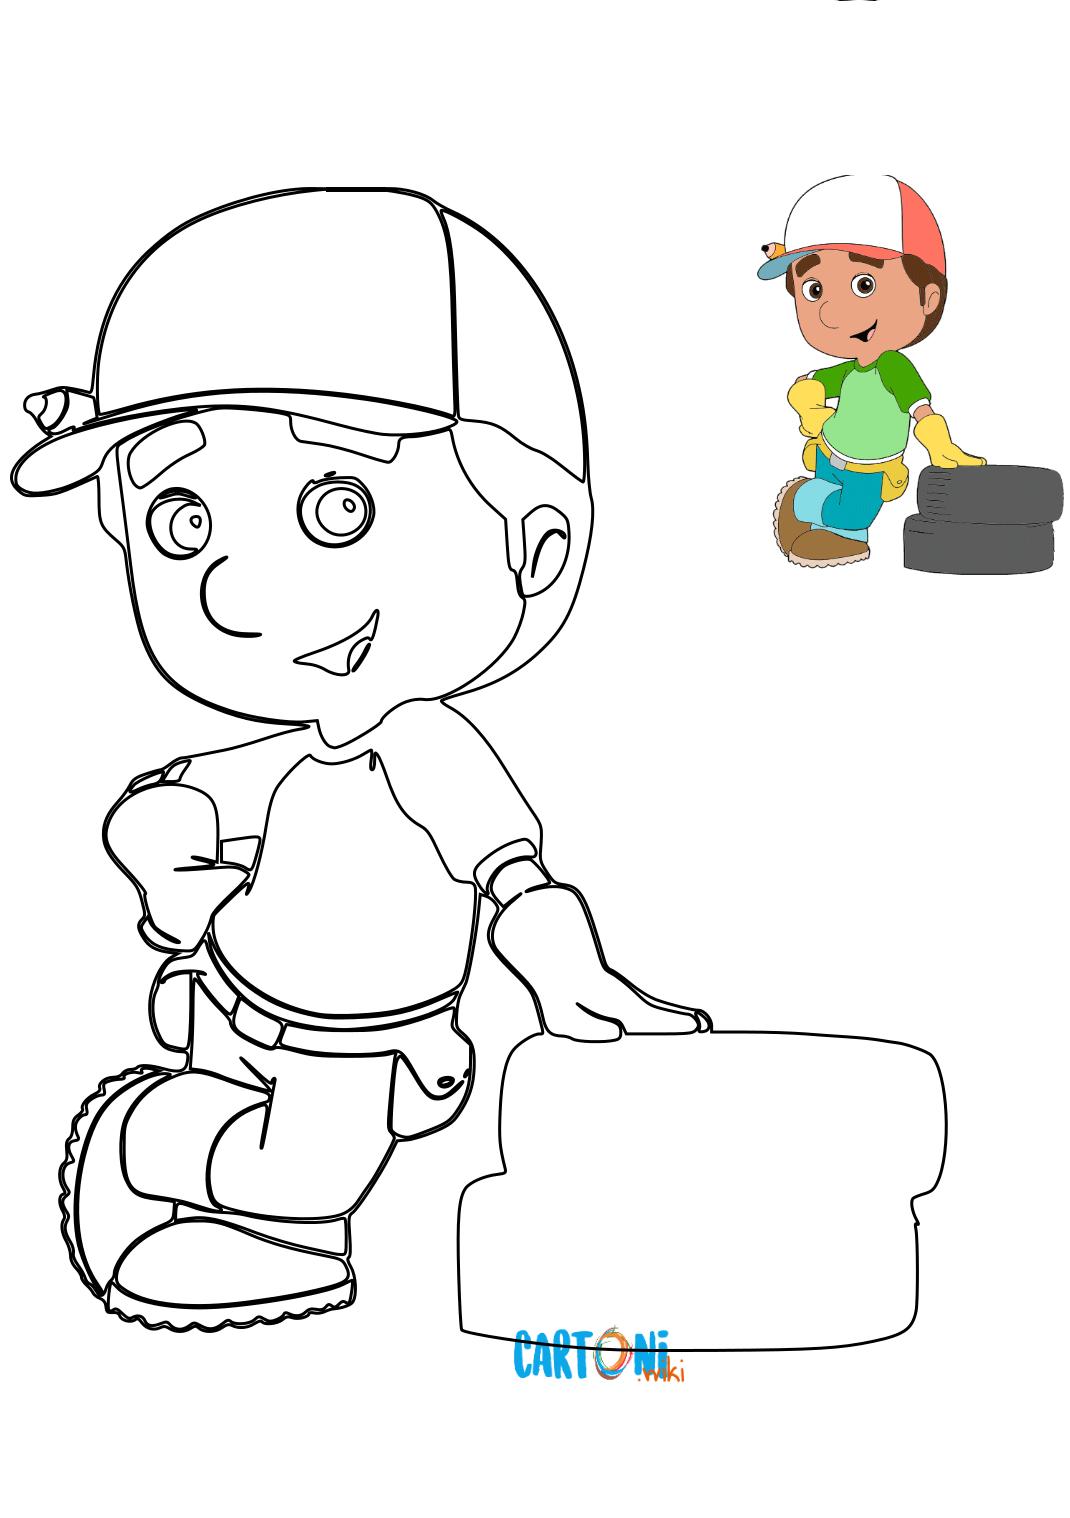 Manny tuttofare stampa disegni for Stampa disegni da colorare